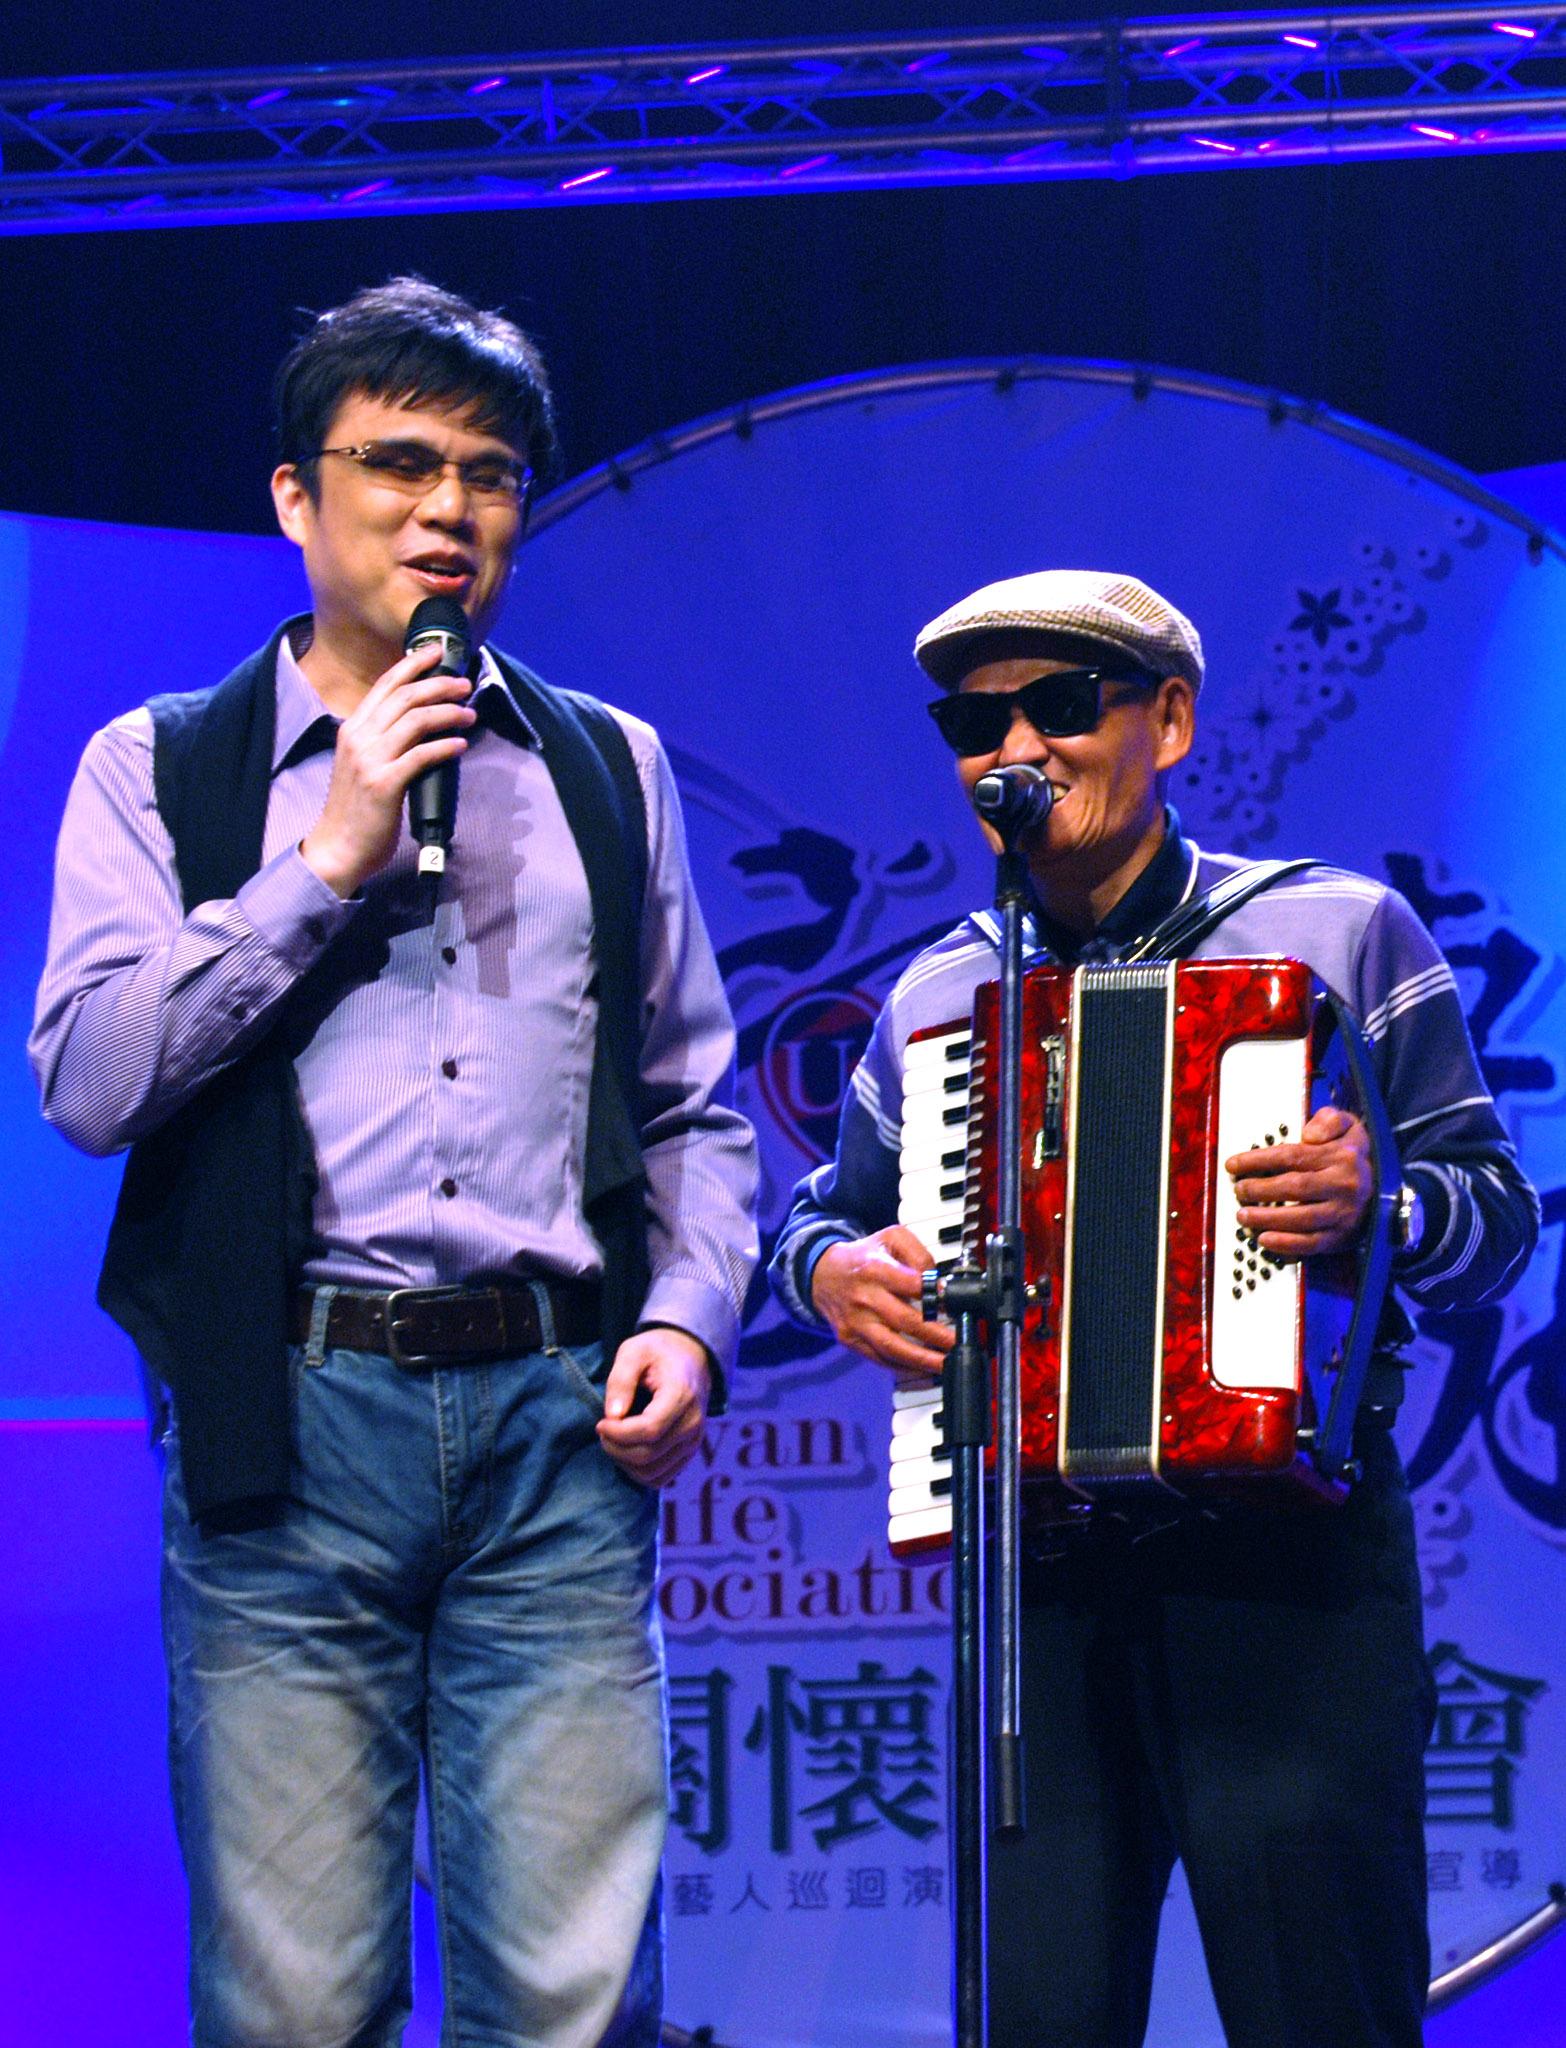 視障歌手李炳輝、鍾興叡以幽默的口吻相互打氣,展現面對未知人生的無比勇氣。